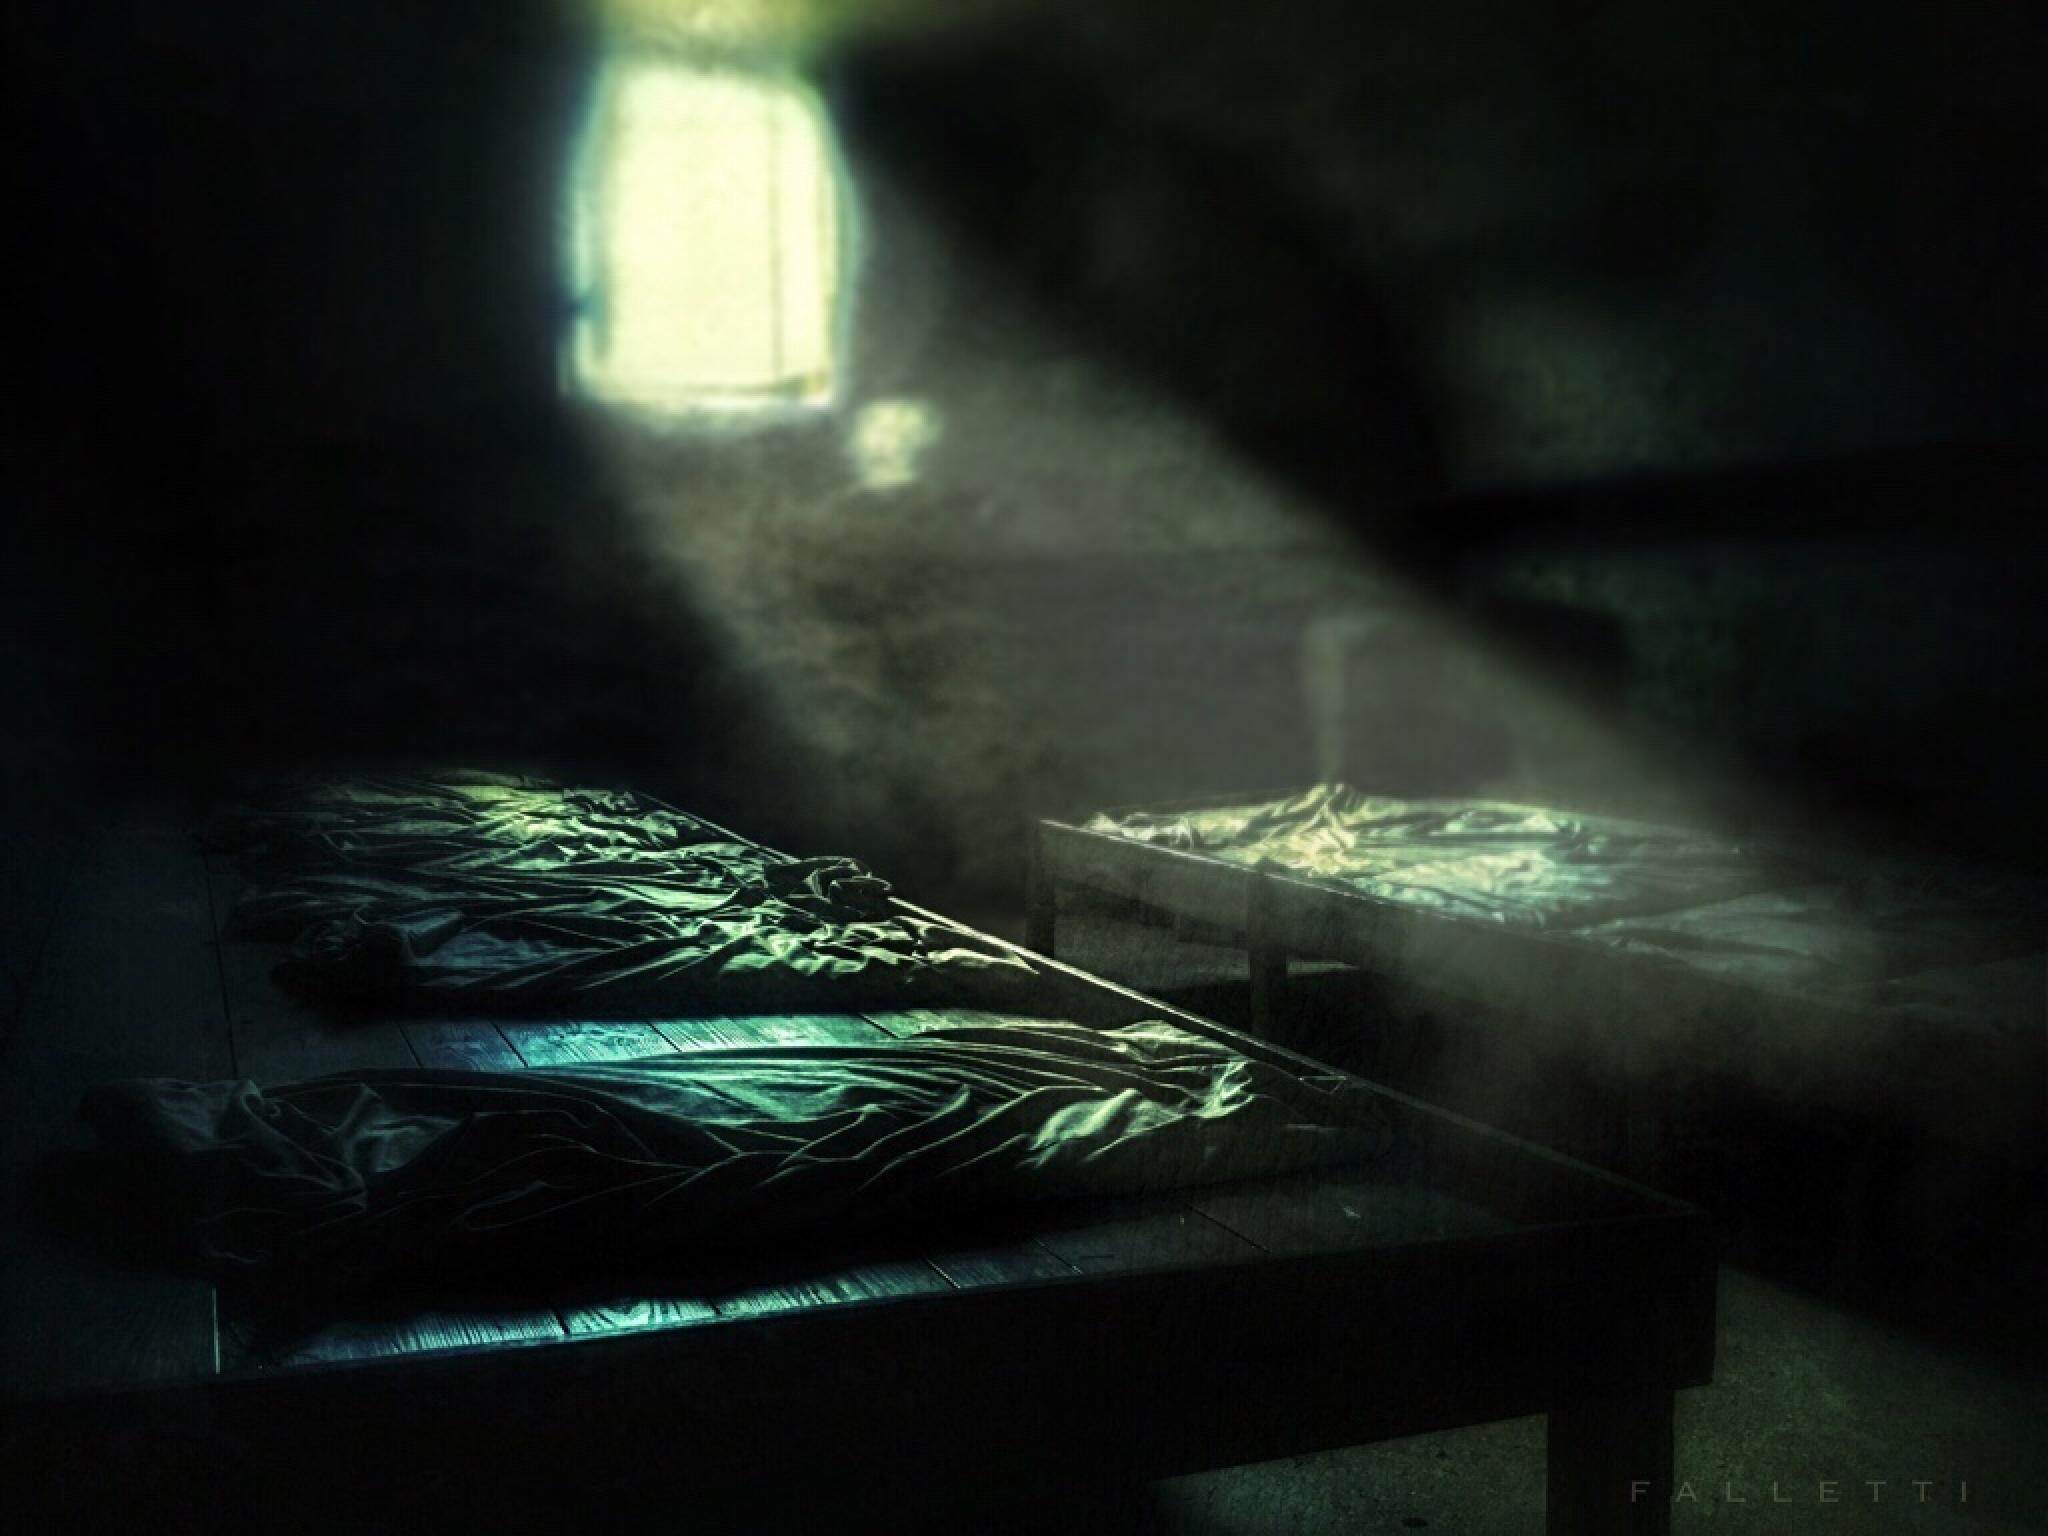 prison barracks by Steve Falletti